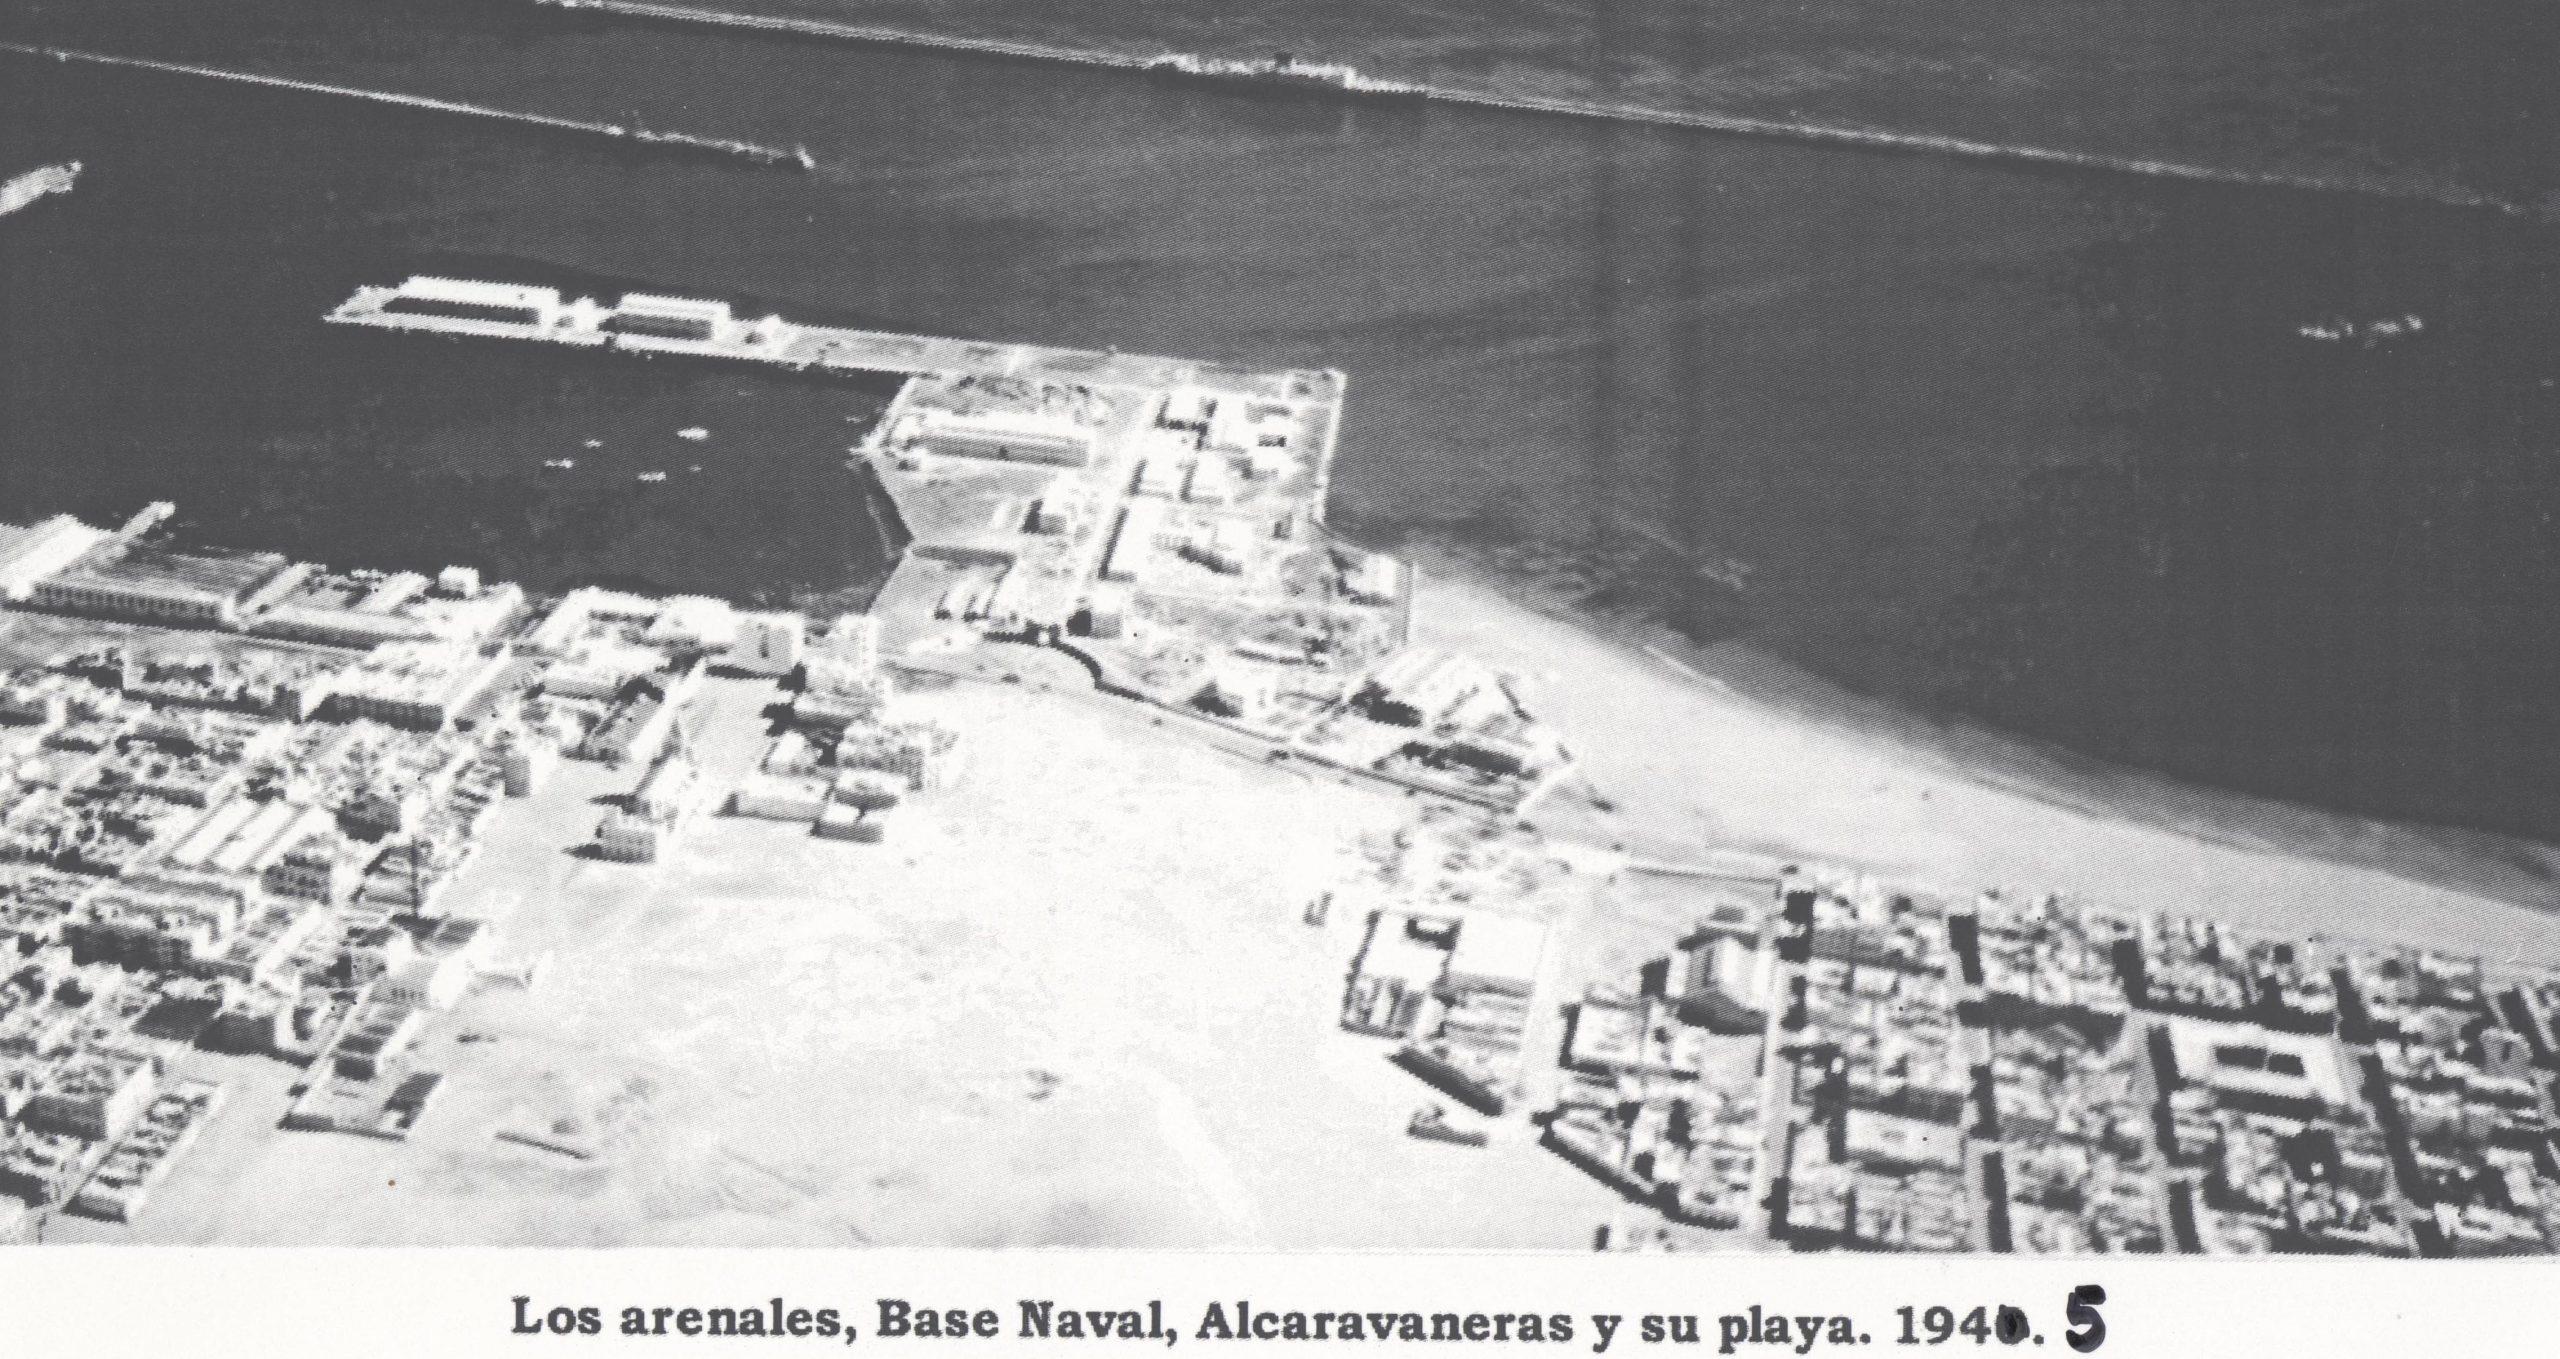 Base Naval y Alcaravaneras en Zona Mesa y López